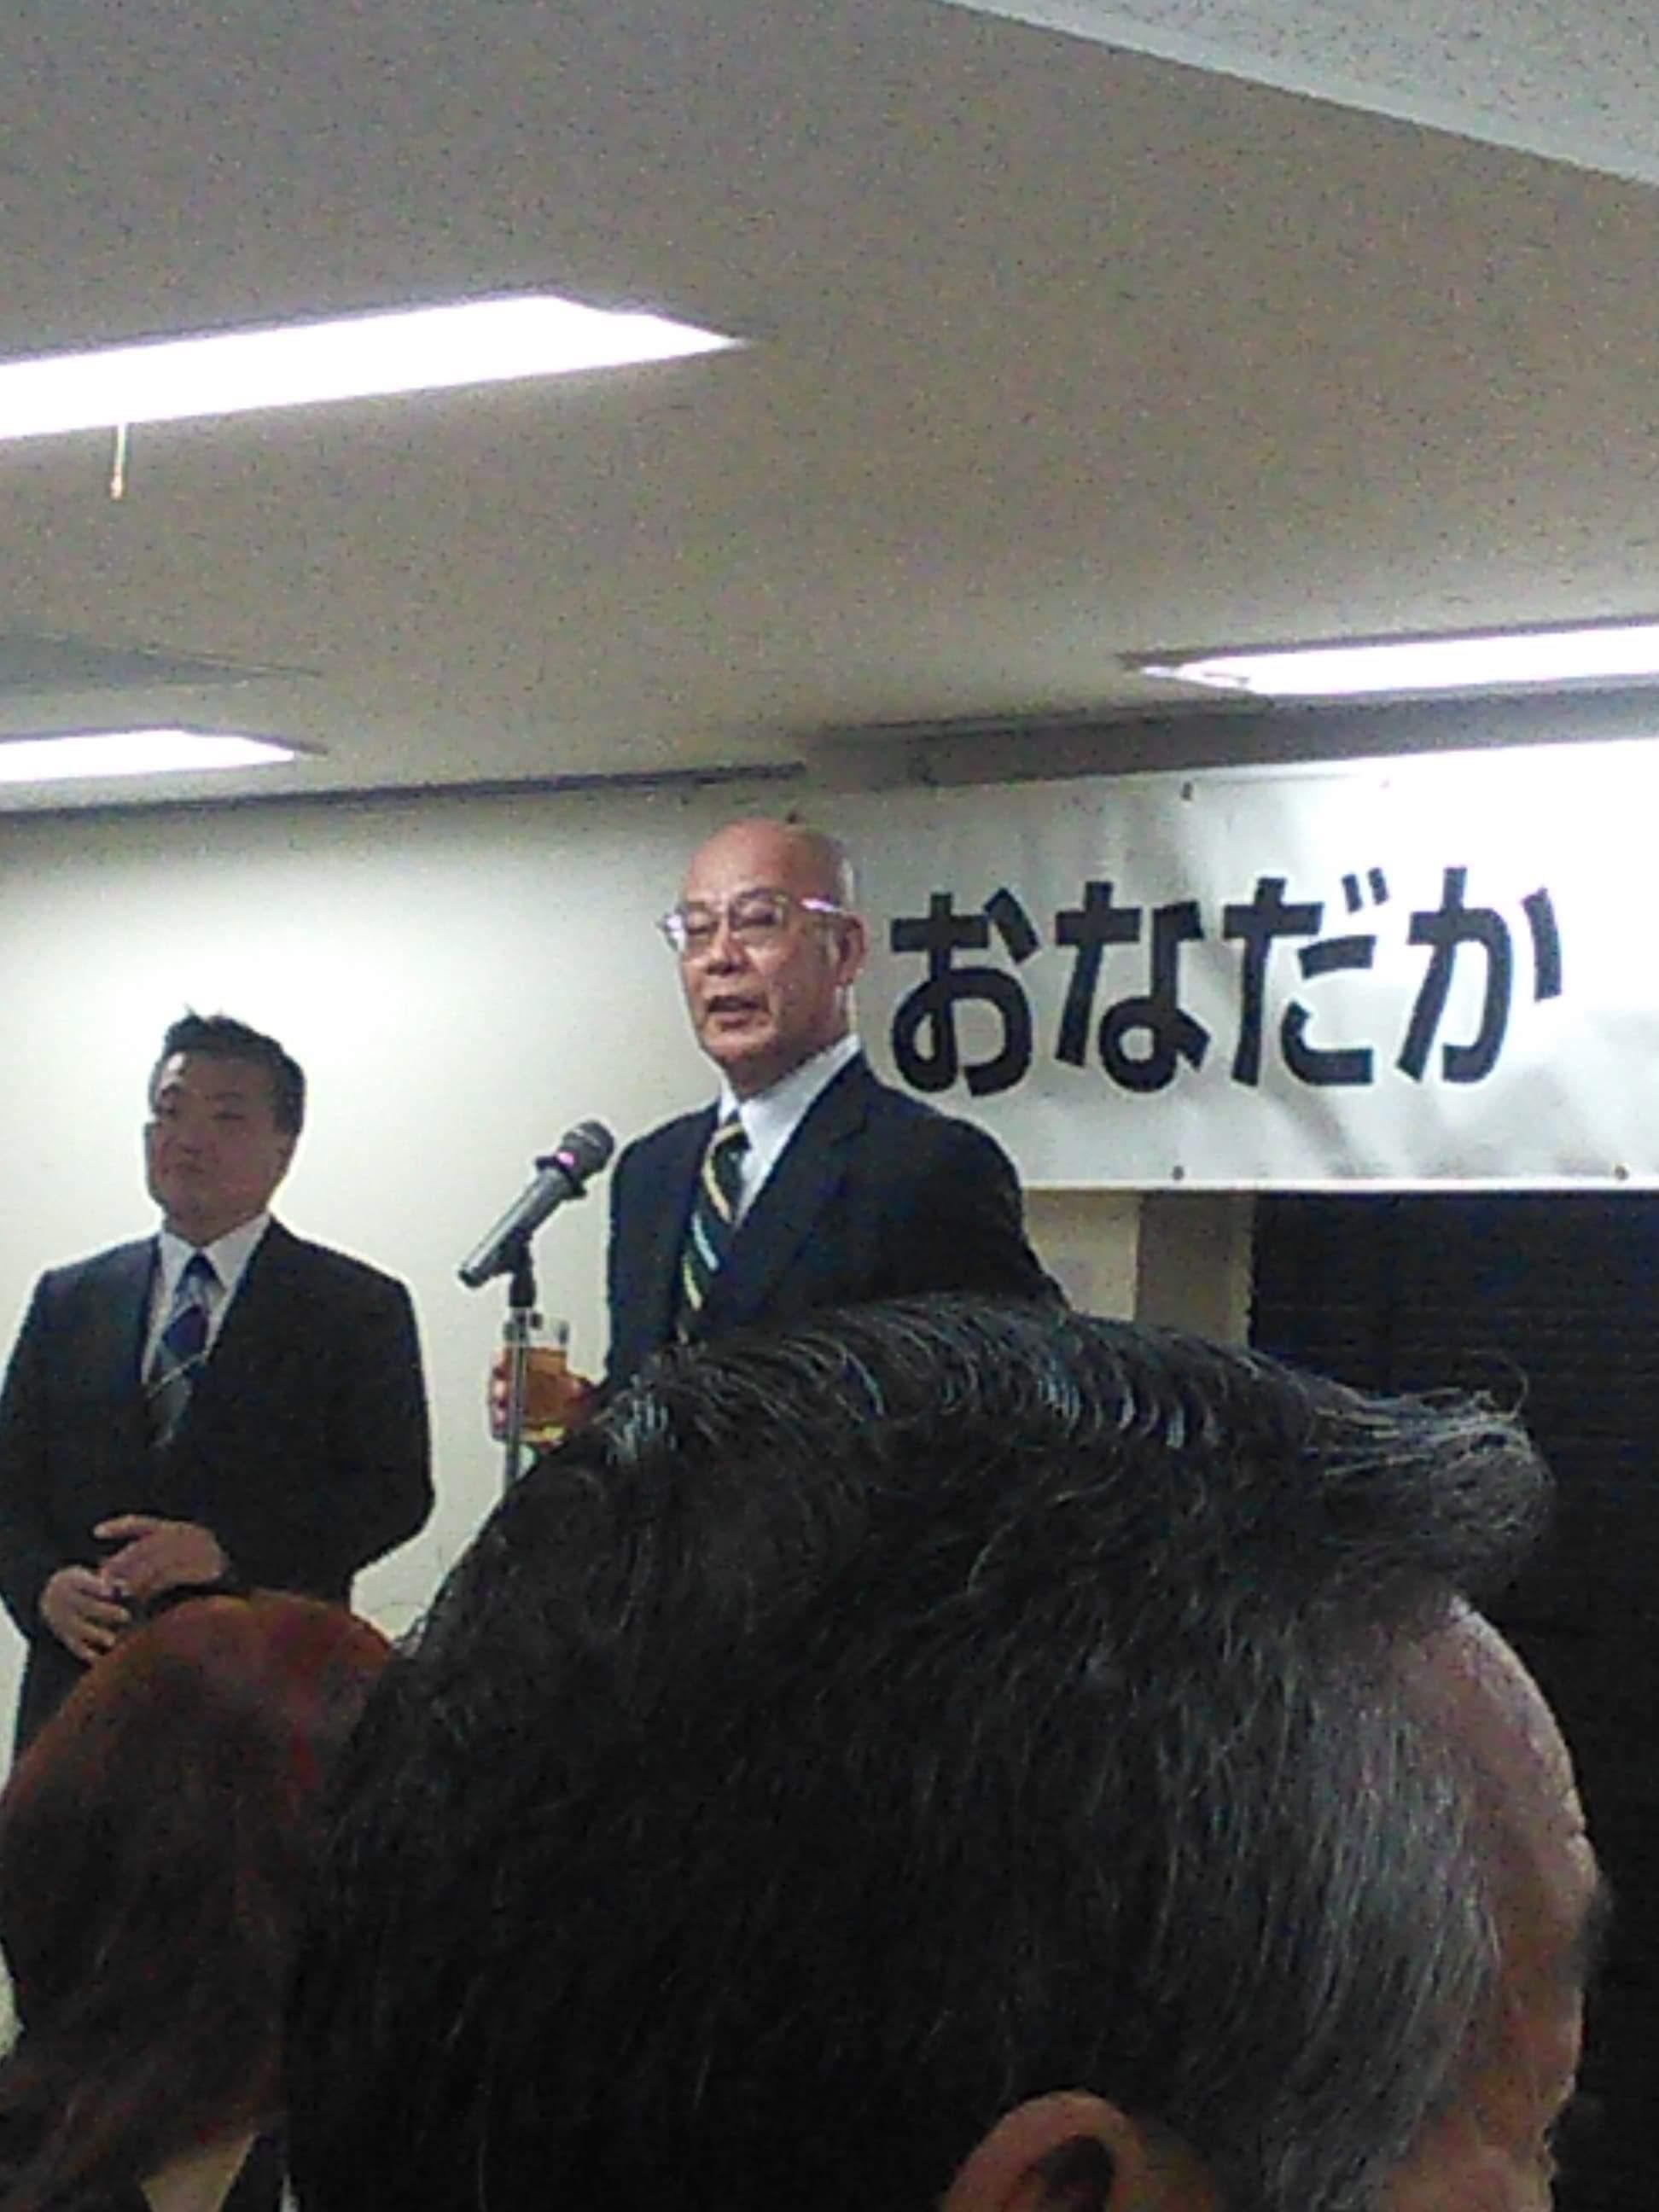 乾杯の発声は板橋区剣道開放団体連合会 渡部増男会長